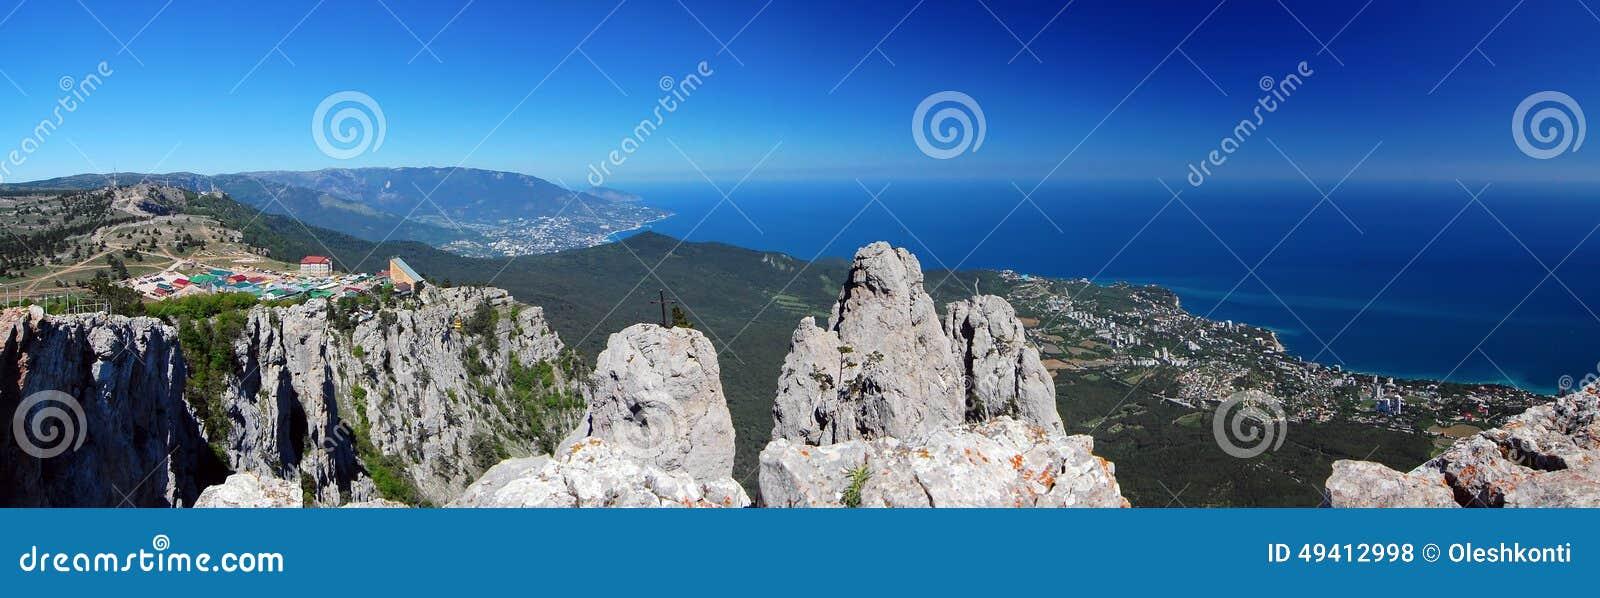 Download Panorama mit Ah-Petri krim stockfoto. Bild von höhe, blau - 49412998